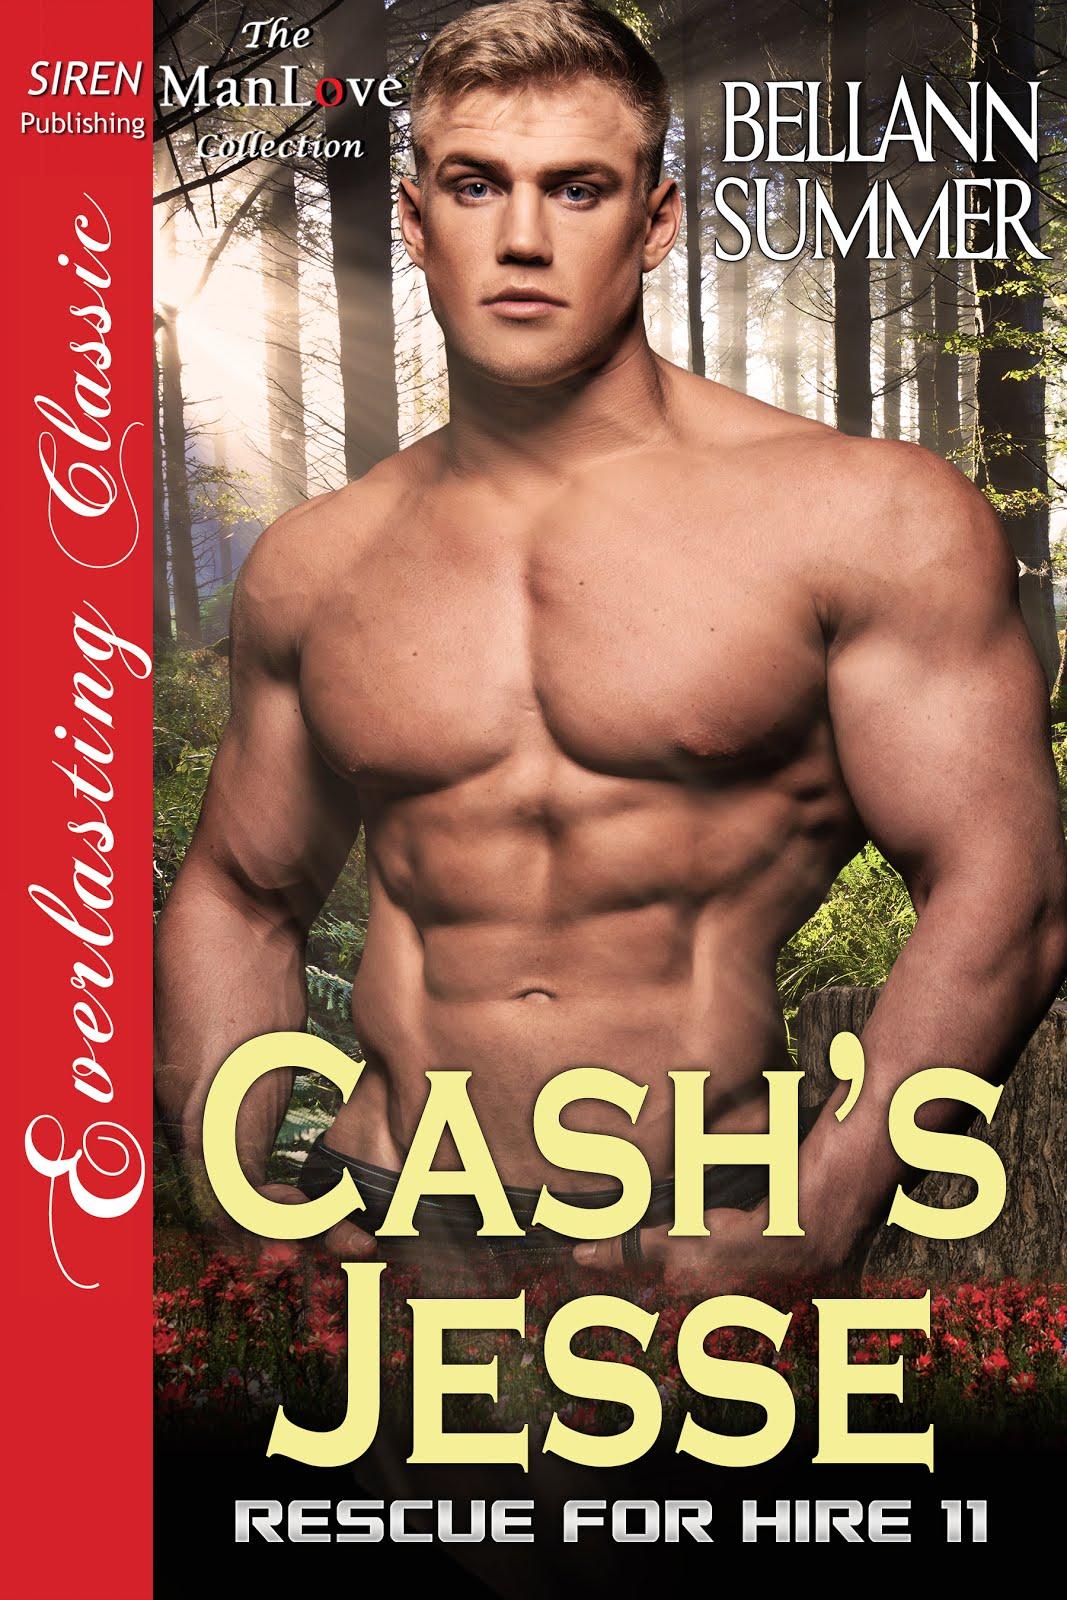 Cash's Jesse